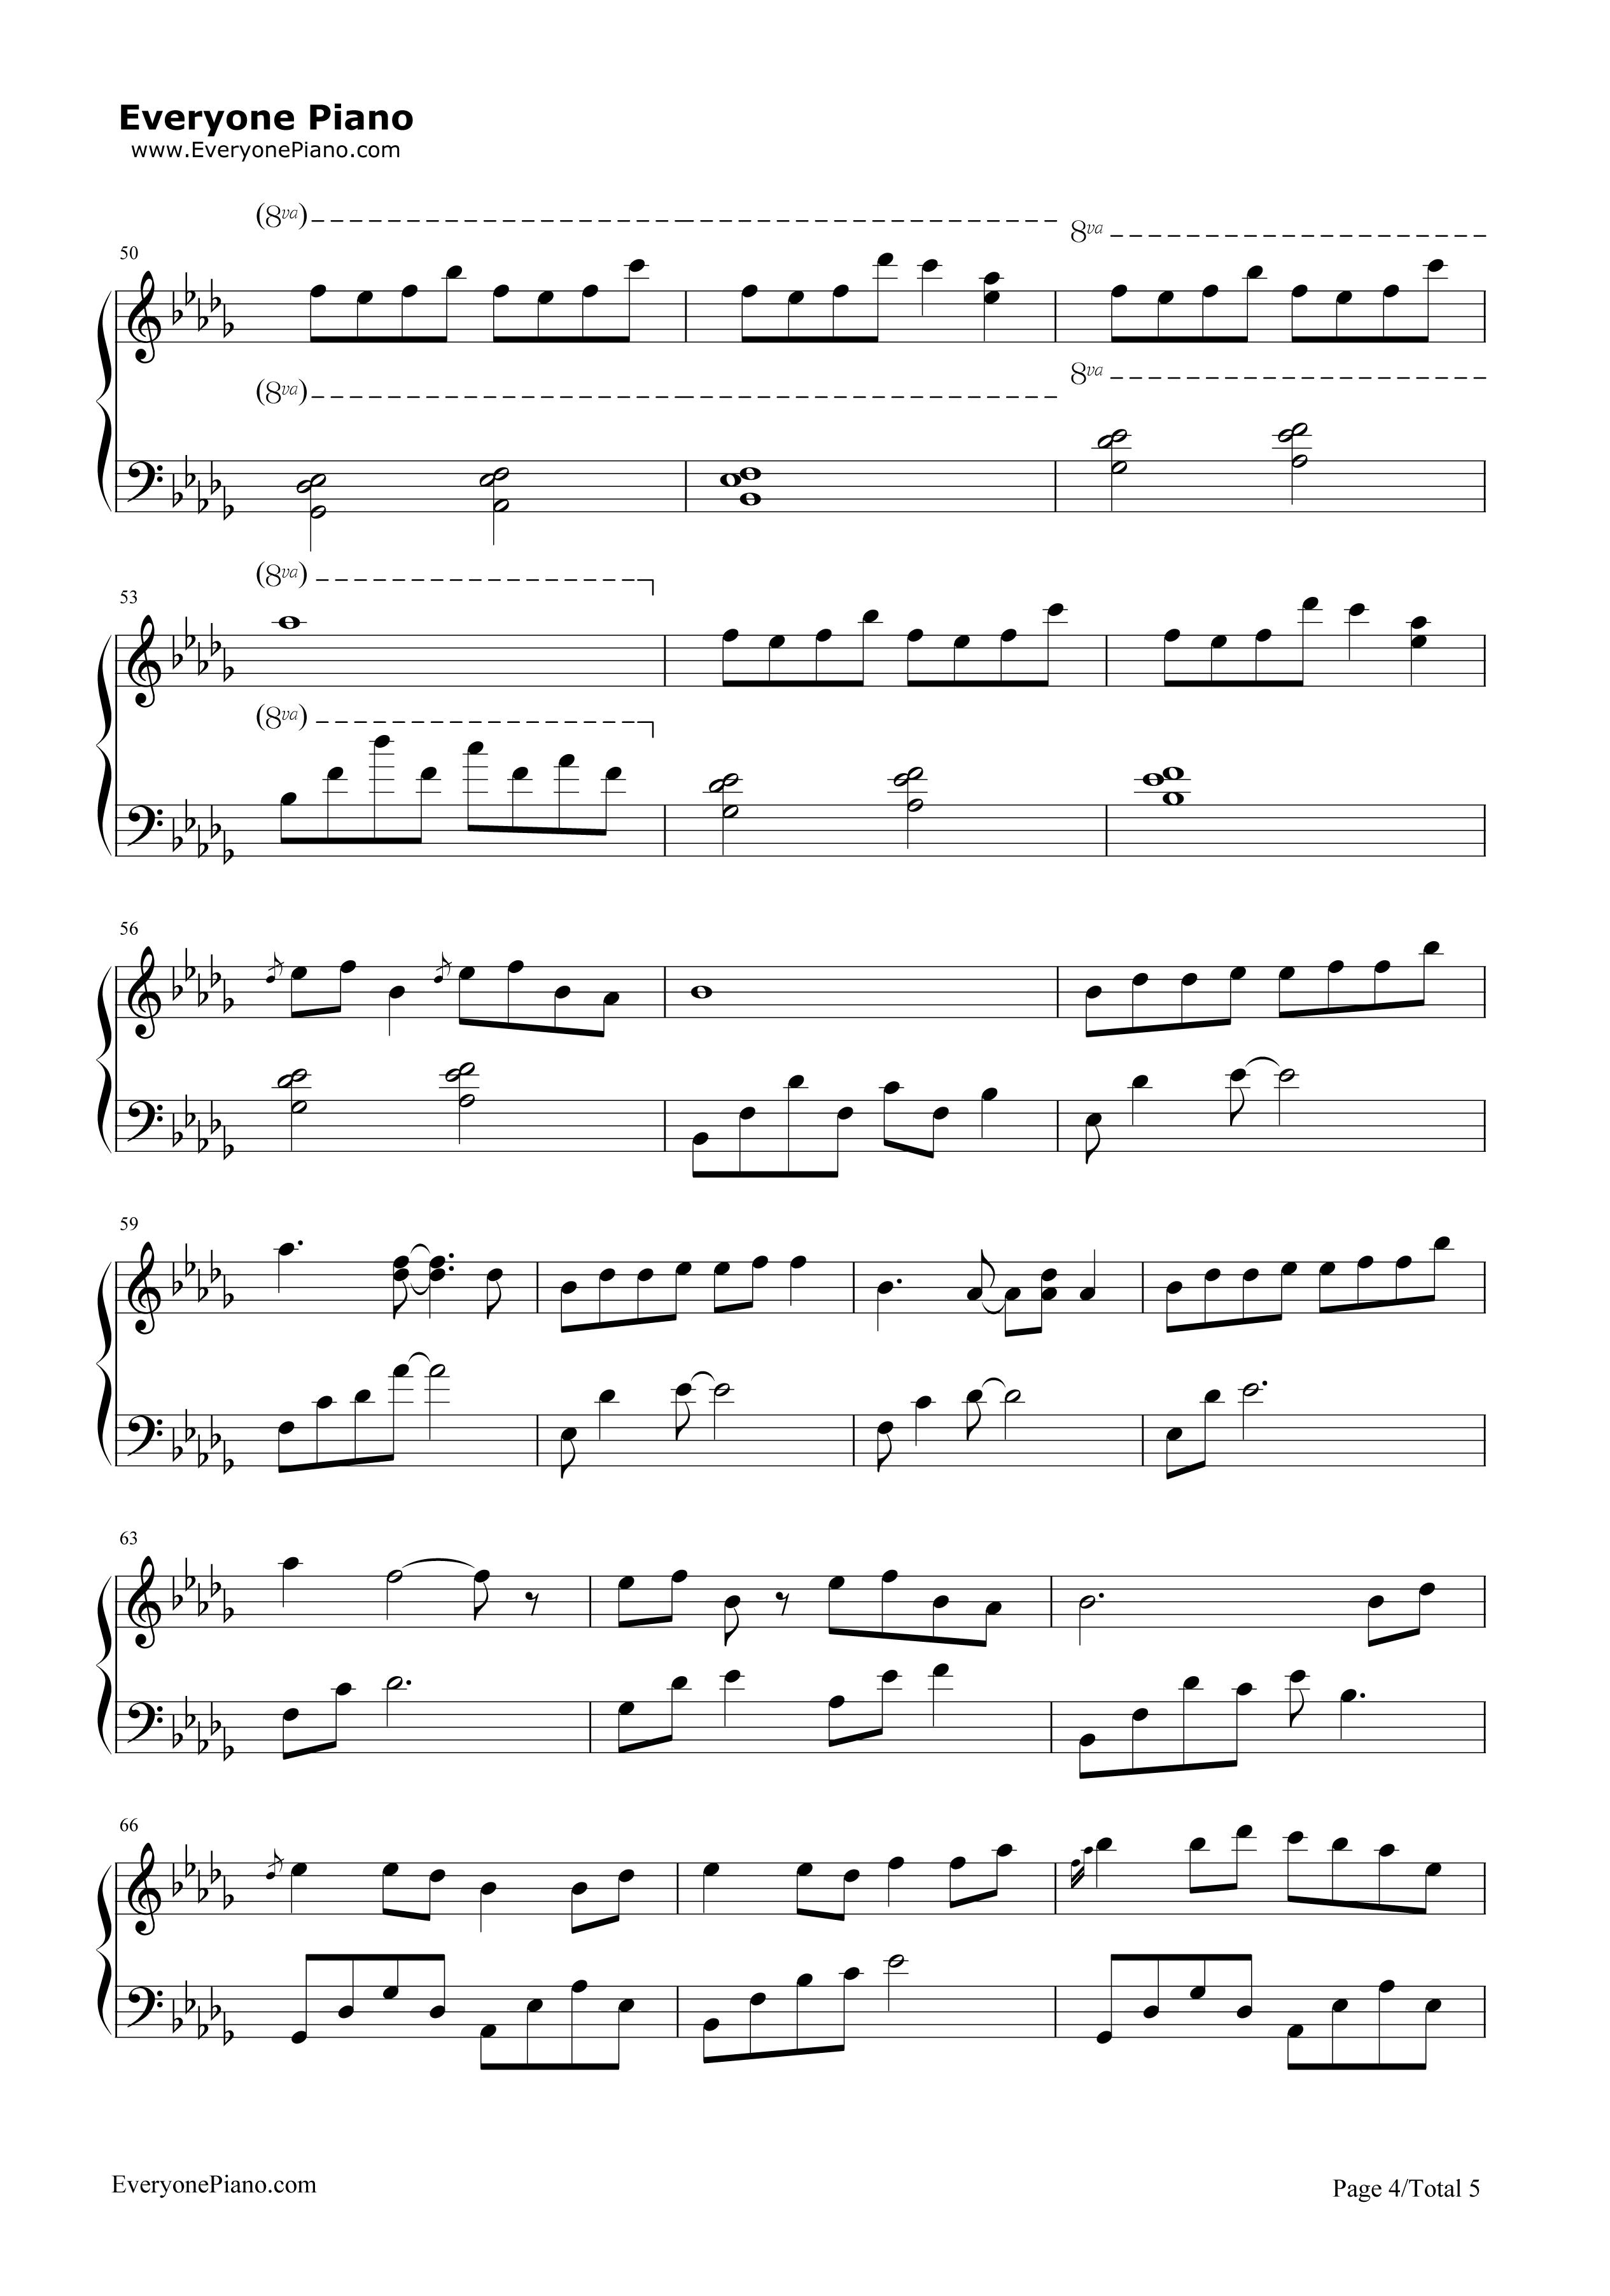 钢琴曲谱 影视 《大鱼》完美演奏版-《大鱼海棠》印象曲 《大鱼》完美